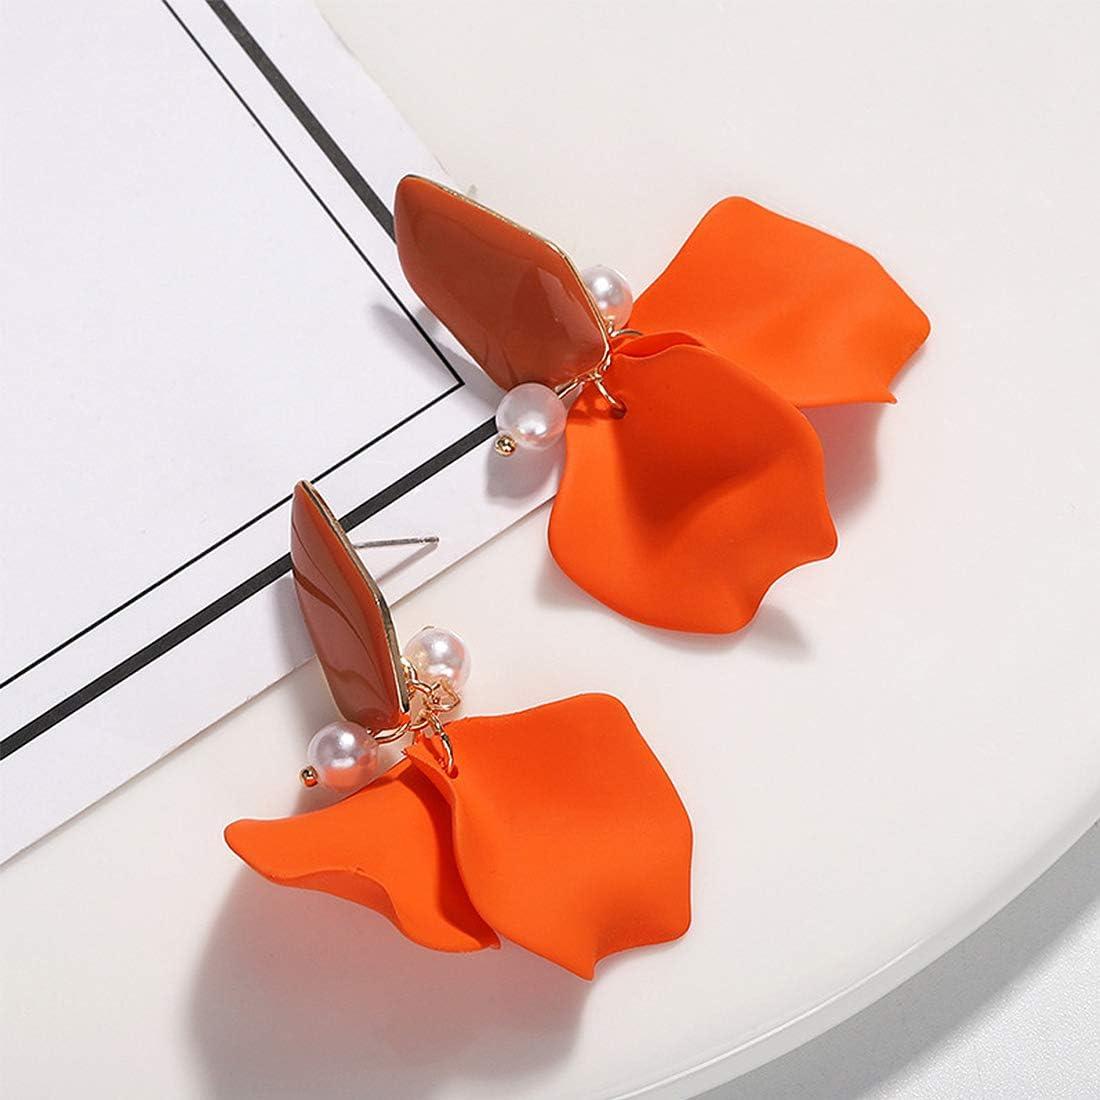 Longue Acrylique P/étale Baisse Pendre Des boucles doreilles Boh/émien R/ésine D/éclaration Des boucles doreilles pour Femmes Filles Cadeaux Bijoux